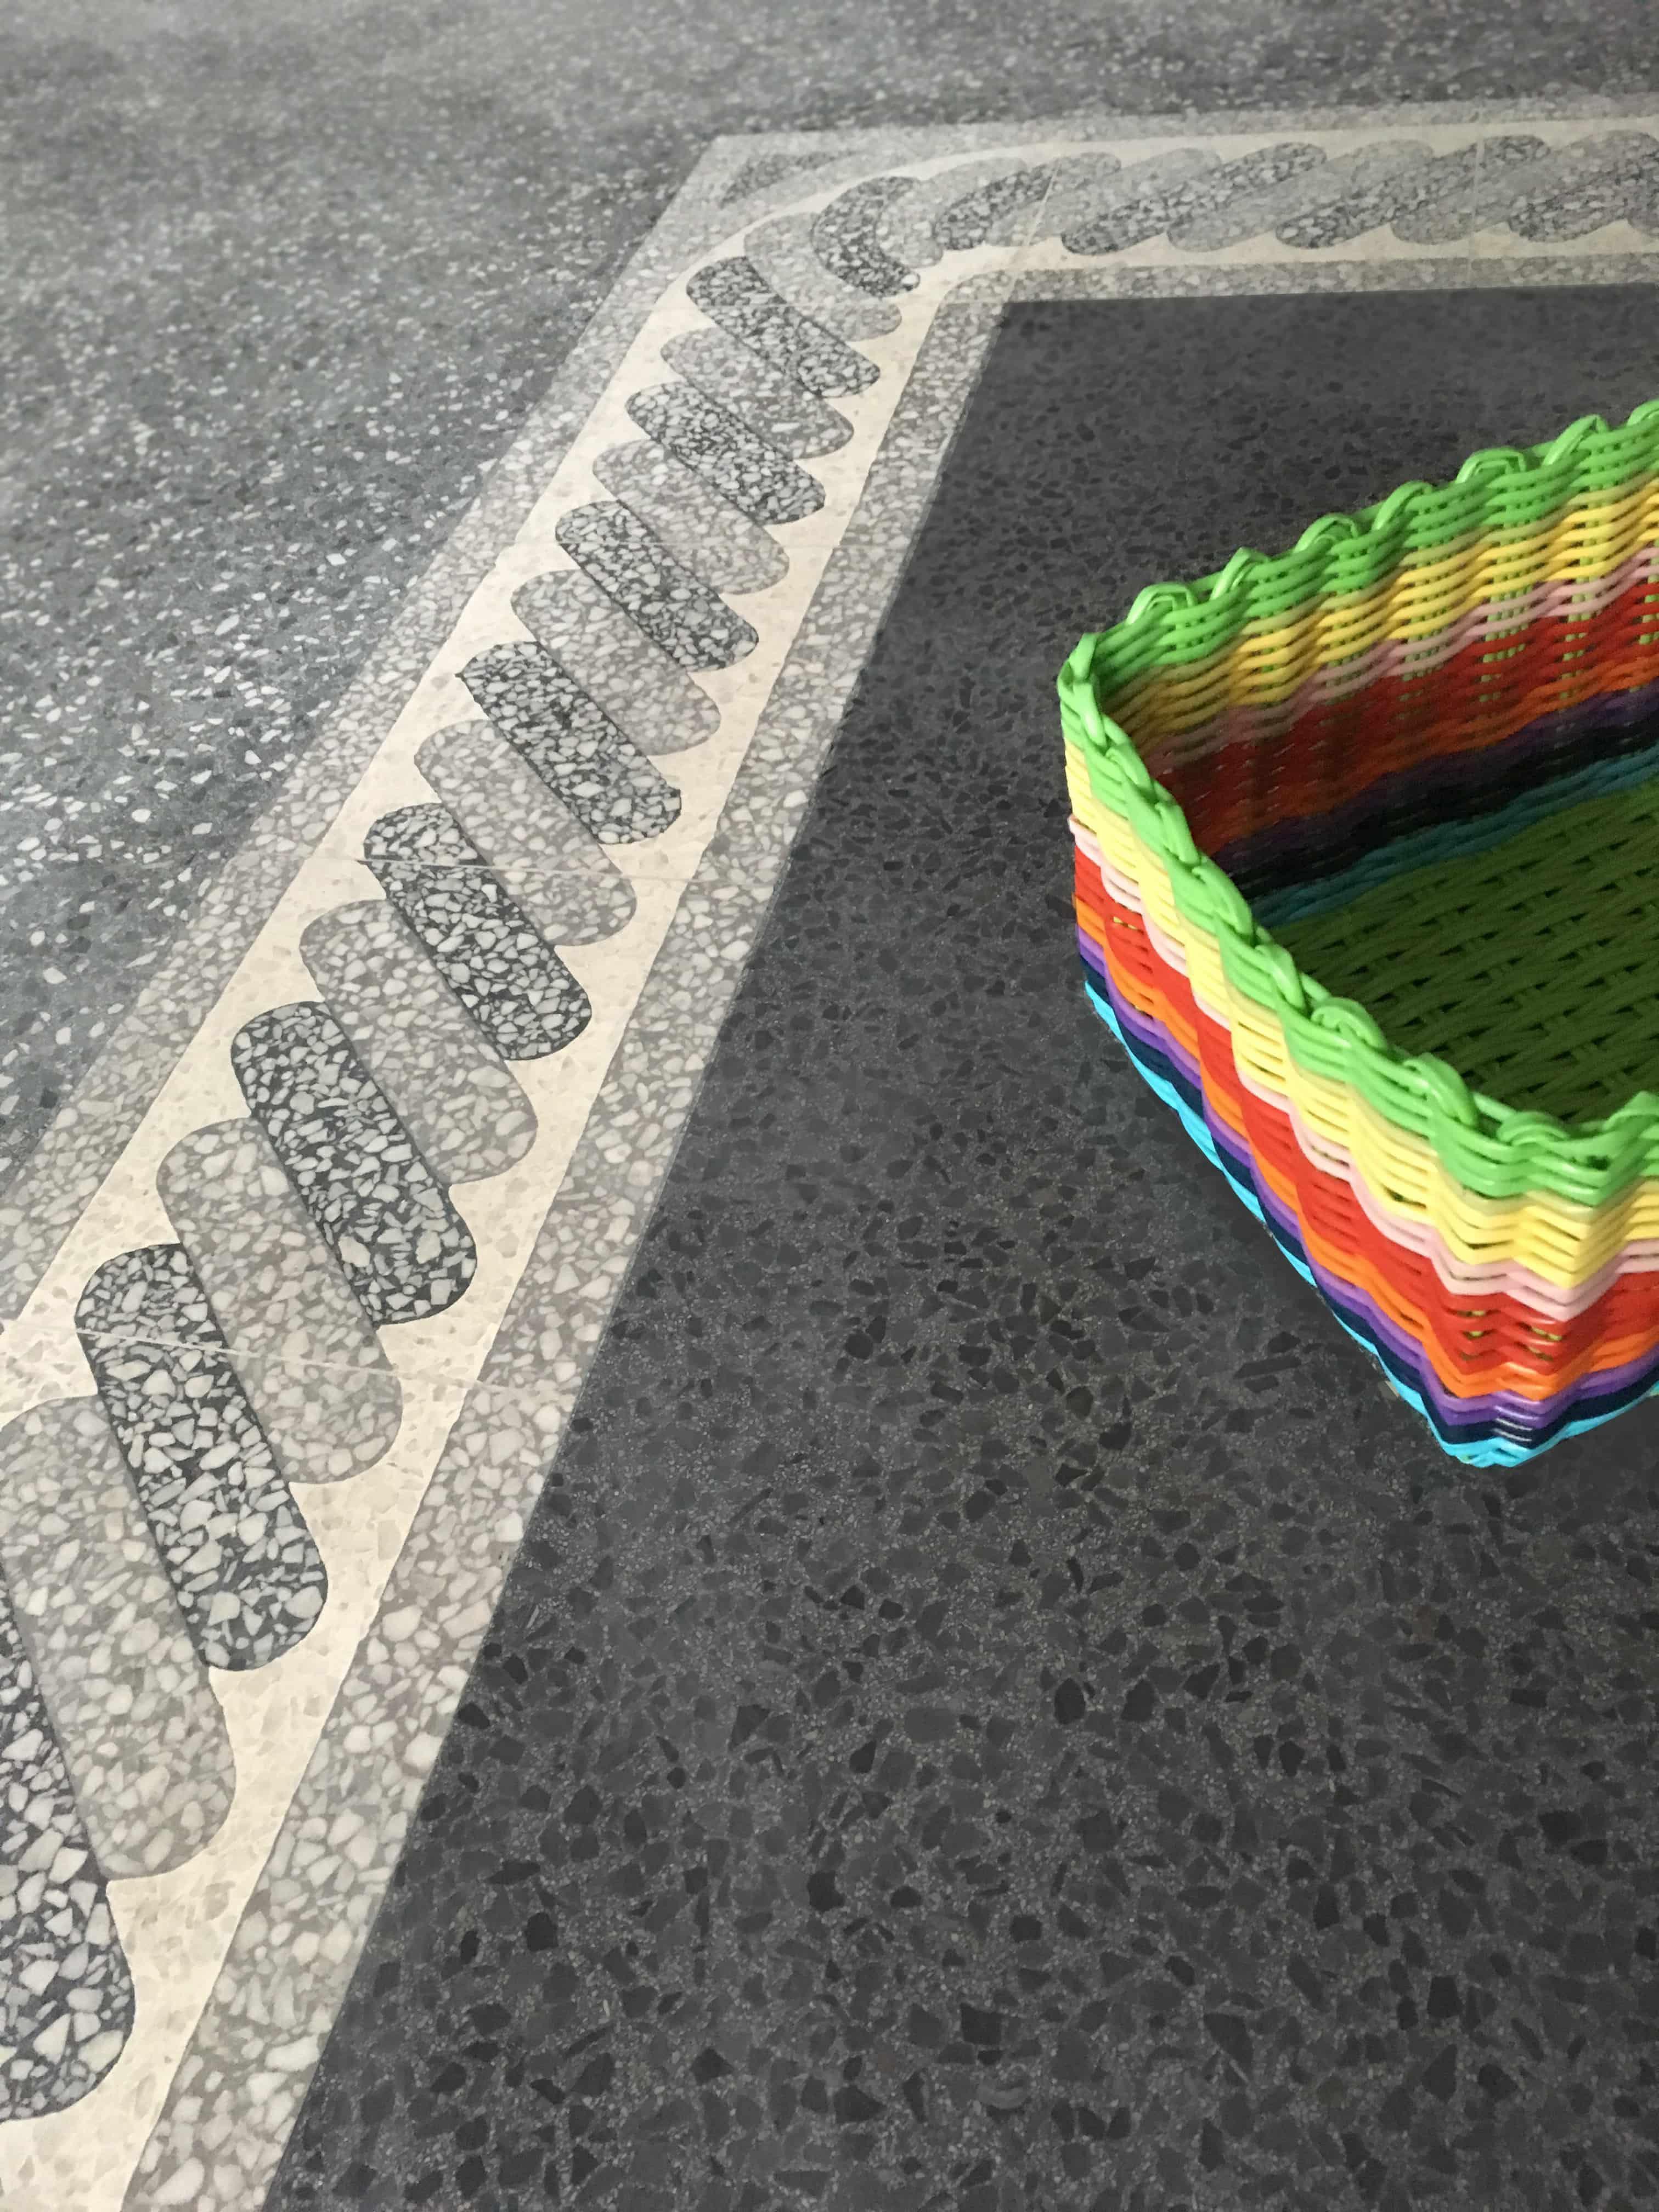 zementfliesen-viaplatten-terrazzo-fugenlos-rand-920301-korb | N° T00552